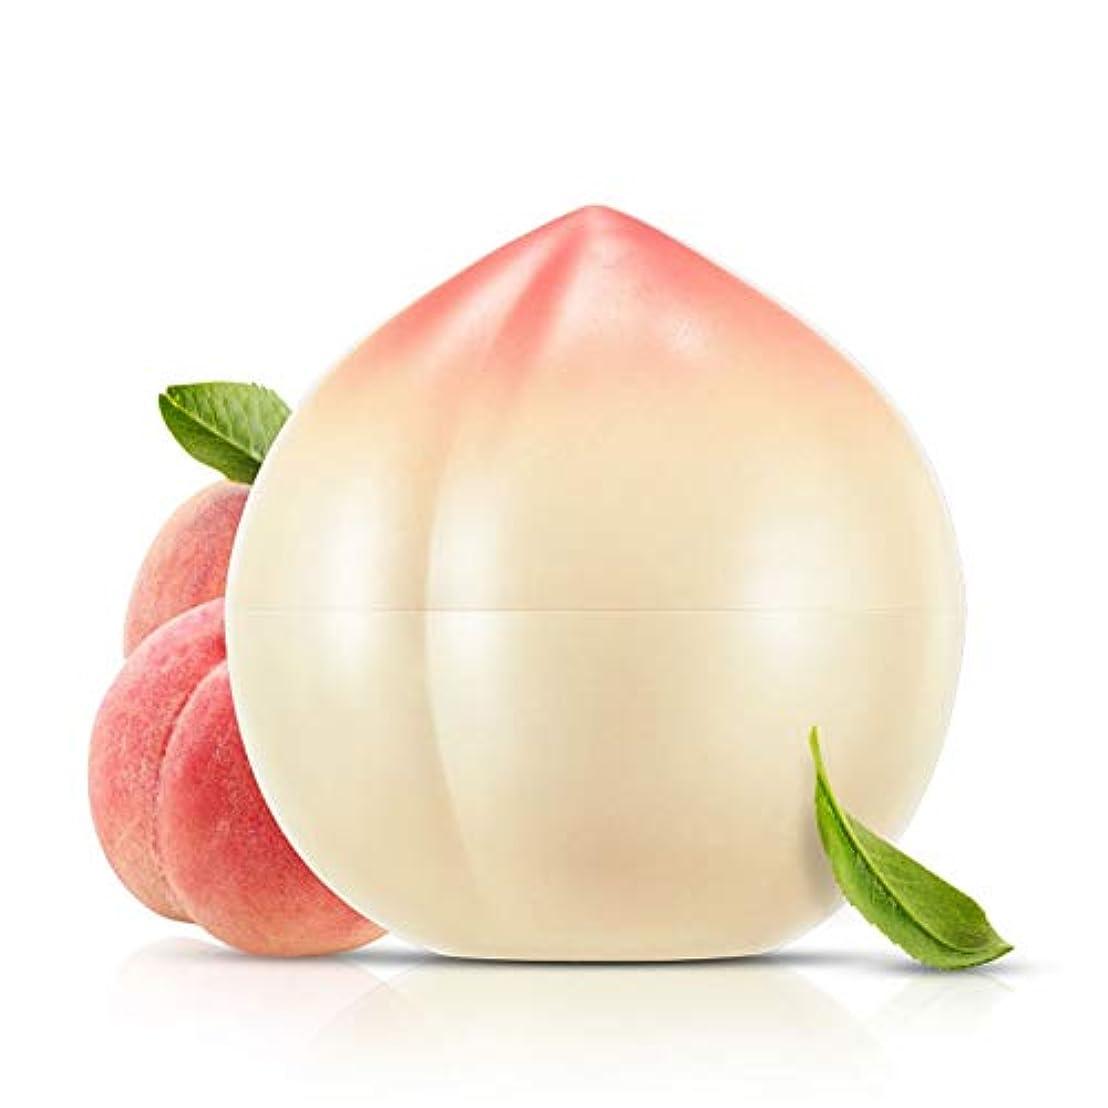 割り当て残忍なためらうAlluole Peach Hand Cream Moisturizer for Dry Cracked Hands Anti-aging Skin Care 40ml